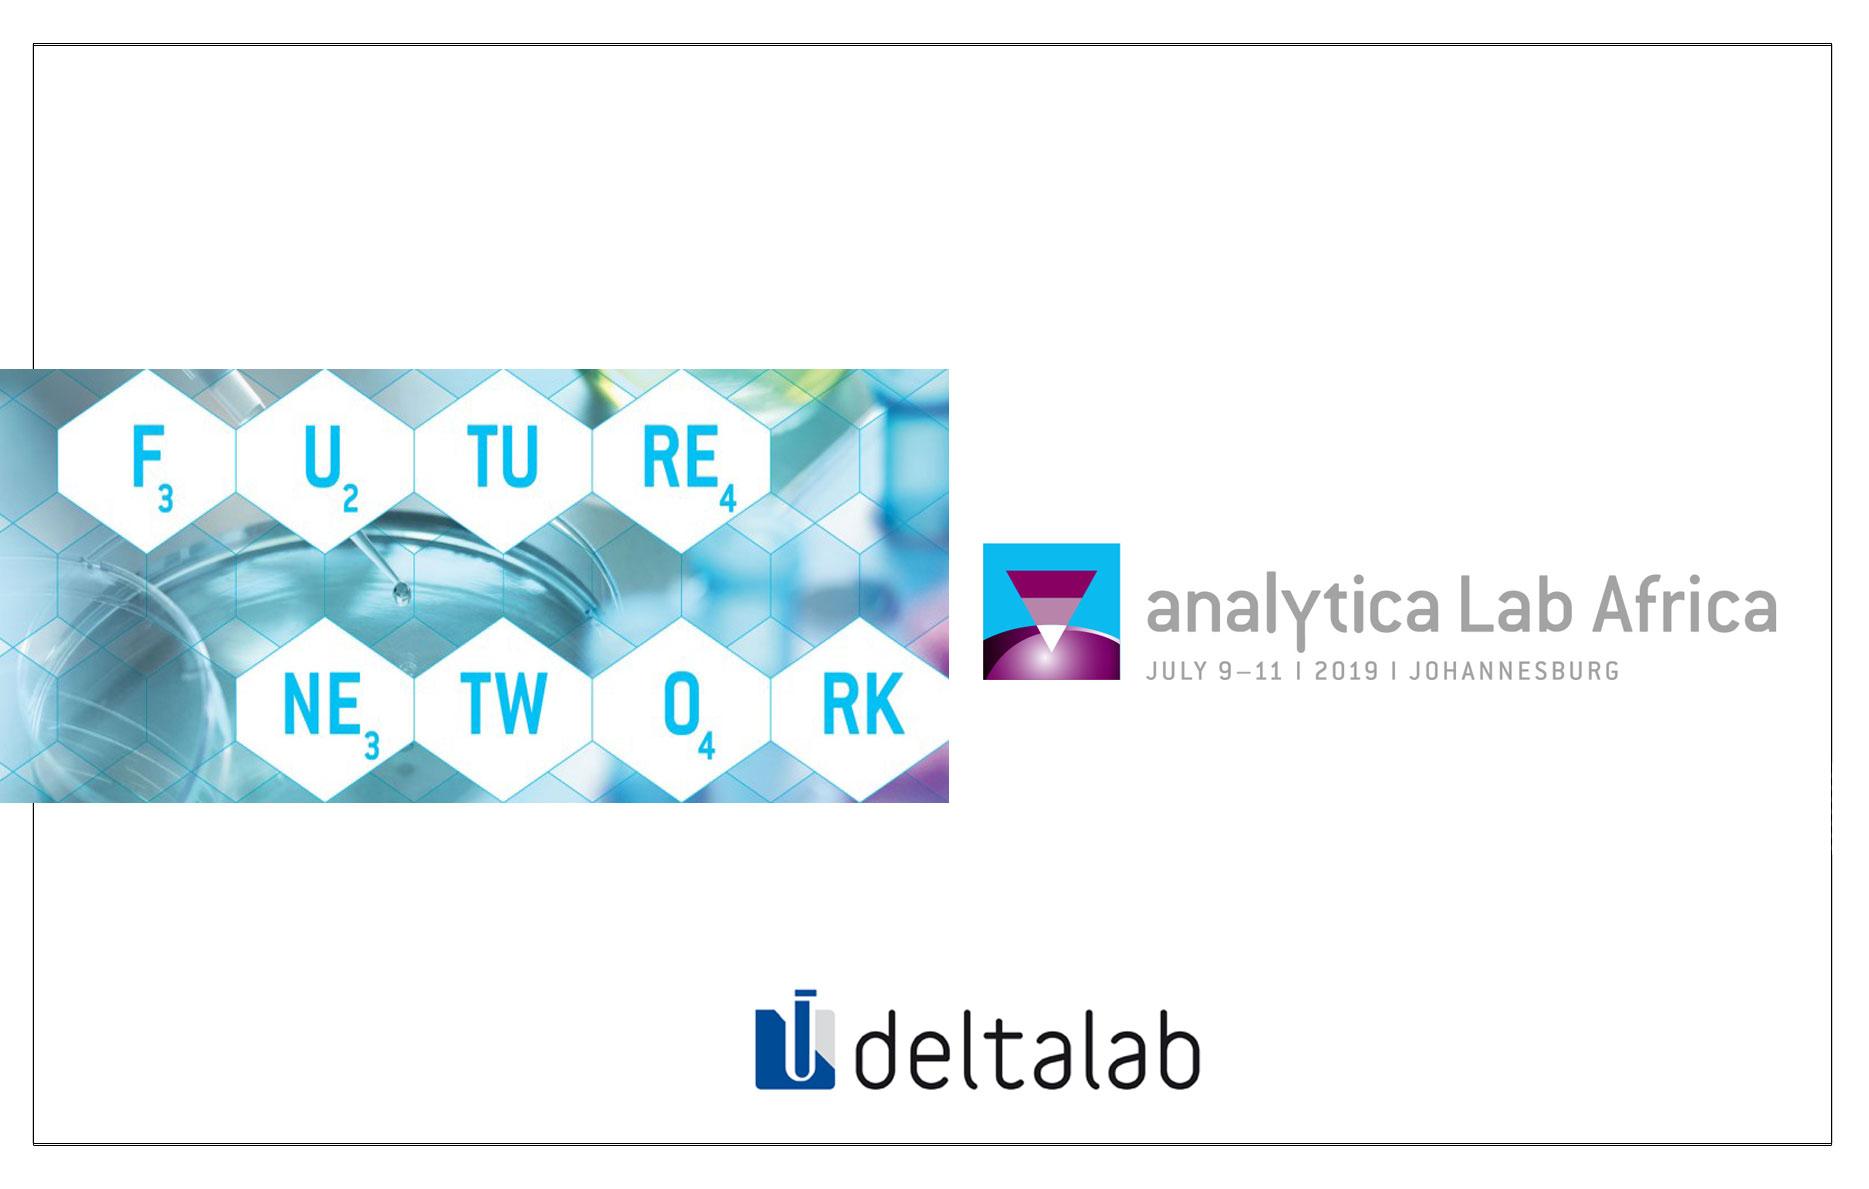 Deltalab participa en Analytica Lab Africa 2019